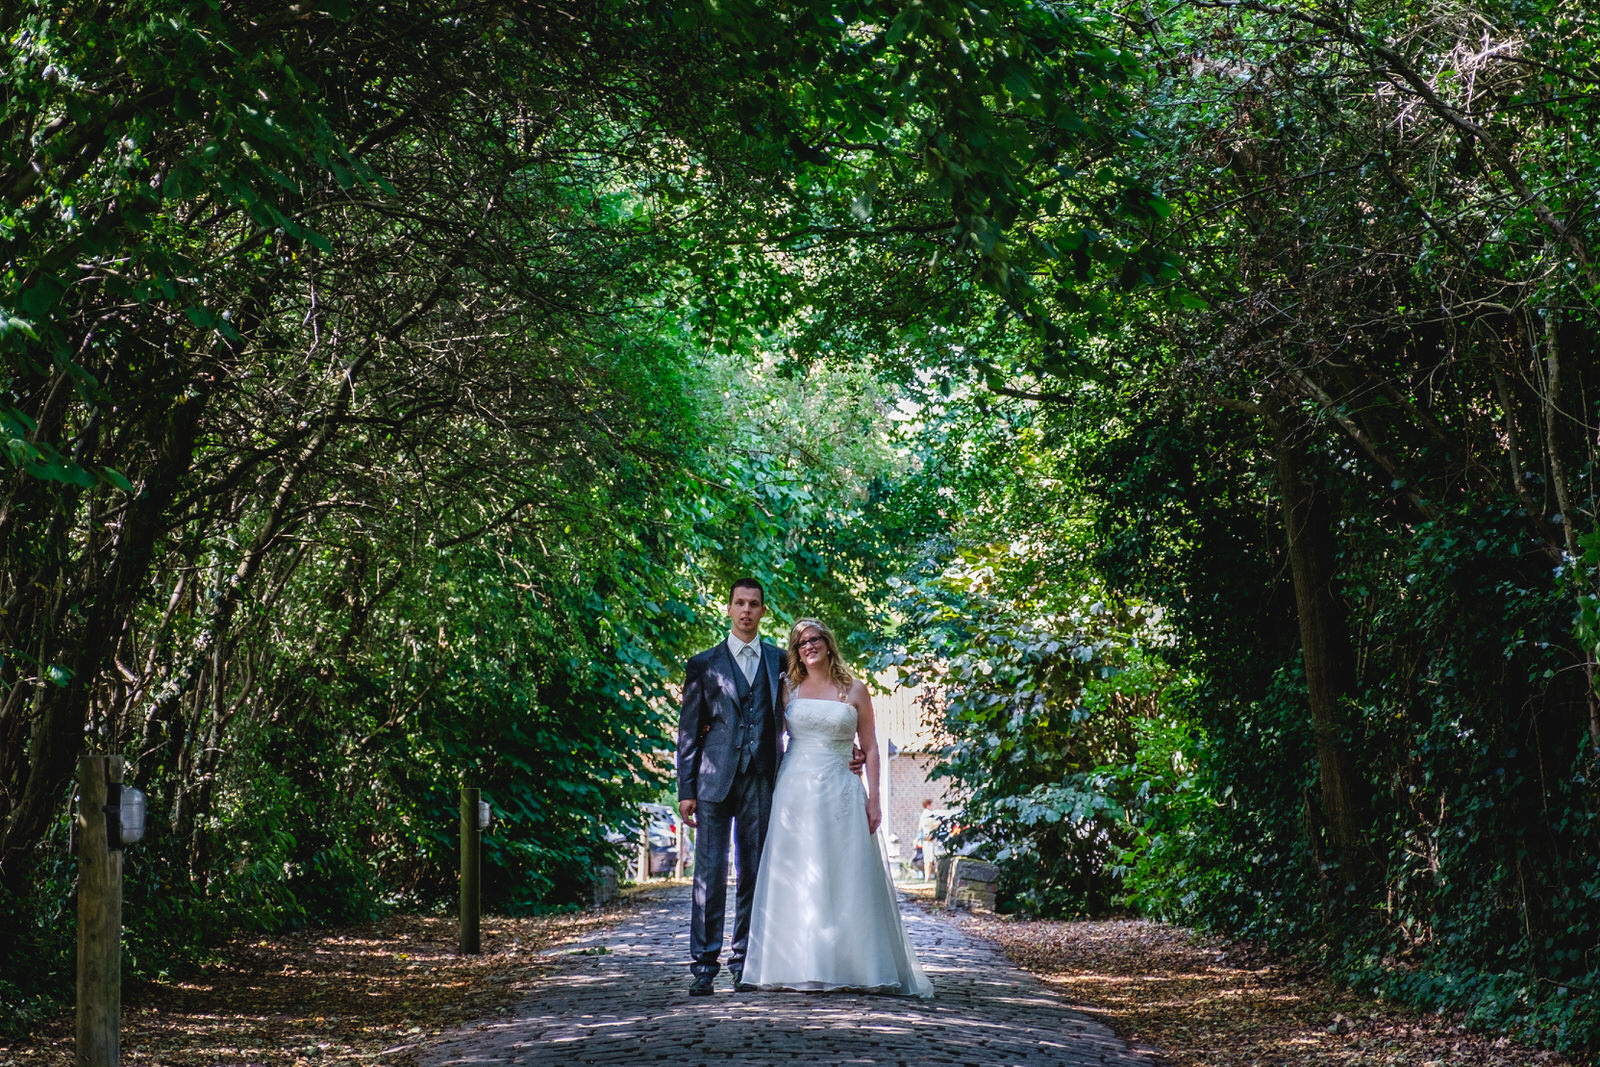 Huwelijk Geetbets - Monninkenhof Vlierbeek -Stijn Willems Photography te Aarschot en Leuven